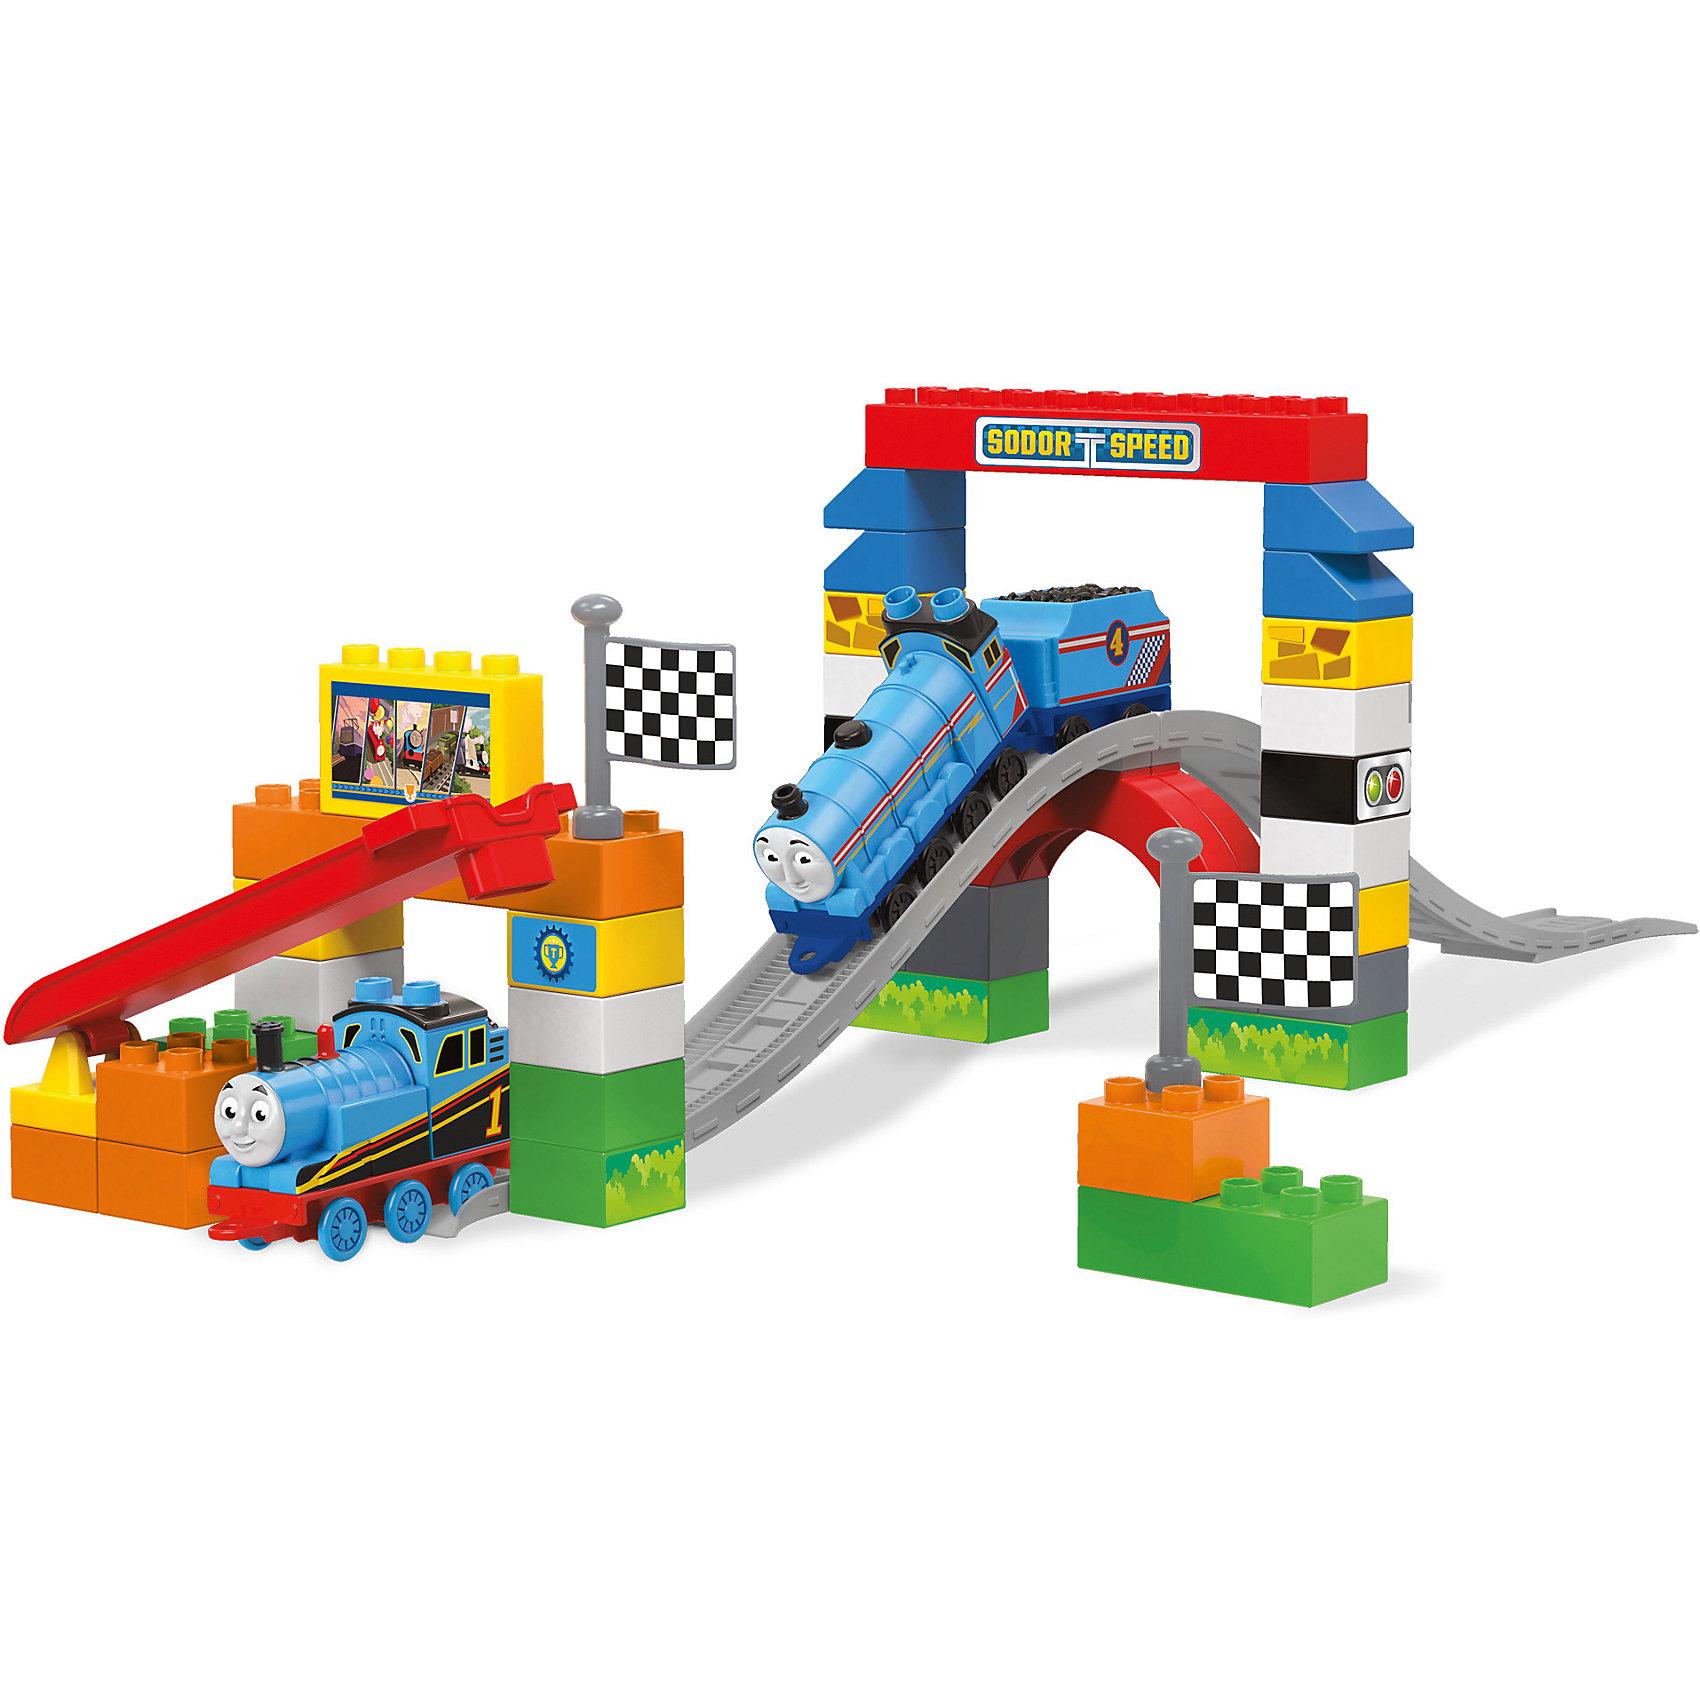 Большая гонка Томаса, Томас и его друзья, MEGA BLOKSПластмассовые конструкторы<br>Гонки завораживают всем мальчиков с раннего детства. Новая игрушка позволяет построить гоночную трассу самостоятельно и украсить ее тематическими стикерами. Большая гонка представляет собой трассу, по которой можно пустить прокатиться Томаса и его друзей со стартовой площадки. Игрушка упакована в удобную переносную сумку, которая обеспечивает компактное хранение. Материалы, использованные при изготовлении игрушек, полностью безопасны для детей и отвечают всем требованиям по качеству.<br><br>Дополнительная информация: <br><br>цвет: разноцветный;<br>количество деталей: 58;<br>возраст: 2-5 лет;<br>материал: пластик.<br><br>Большую гонку Томаса, Томас и его друзья, MEGA BLOKS от компании Mattel можно приобрести в нашем магазине.<br><br>Ширина мм: 85<br>Глубина мм: 405<br>Высота мм: 290<br>Вес г: 1120<br>Возраст от месяцев: 24<br>Возраст до месяцев: 60<br>Пол: Мужской<br>Возраст: Детский<br>SKU: 5004460